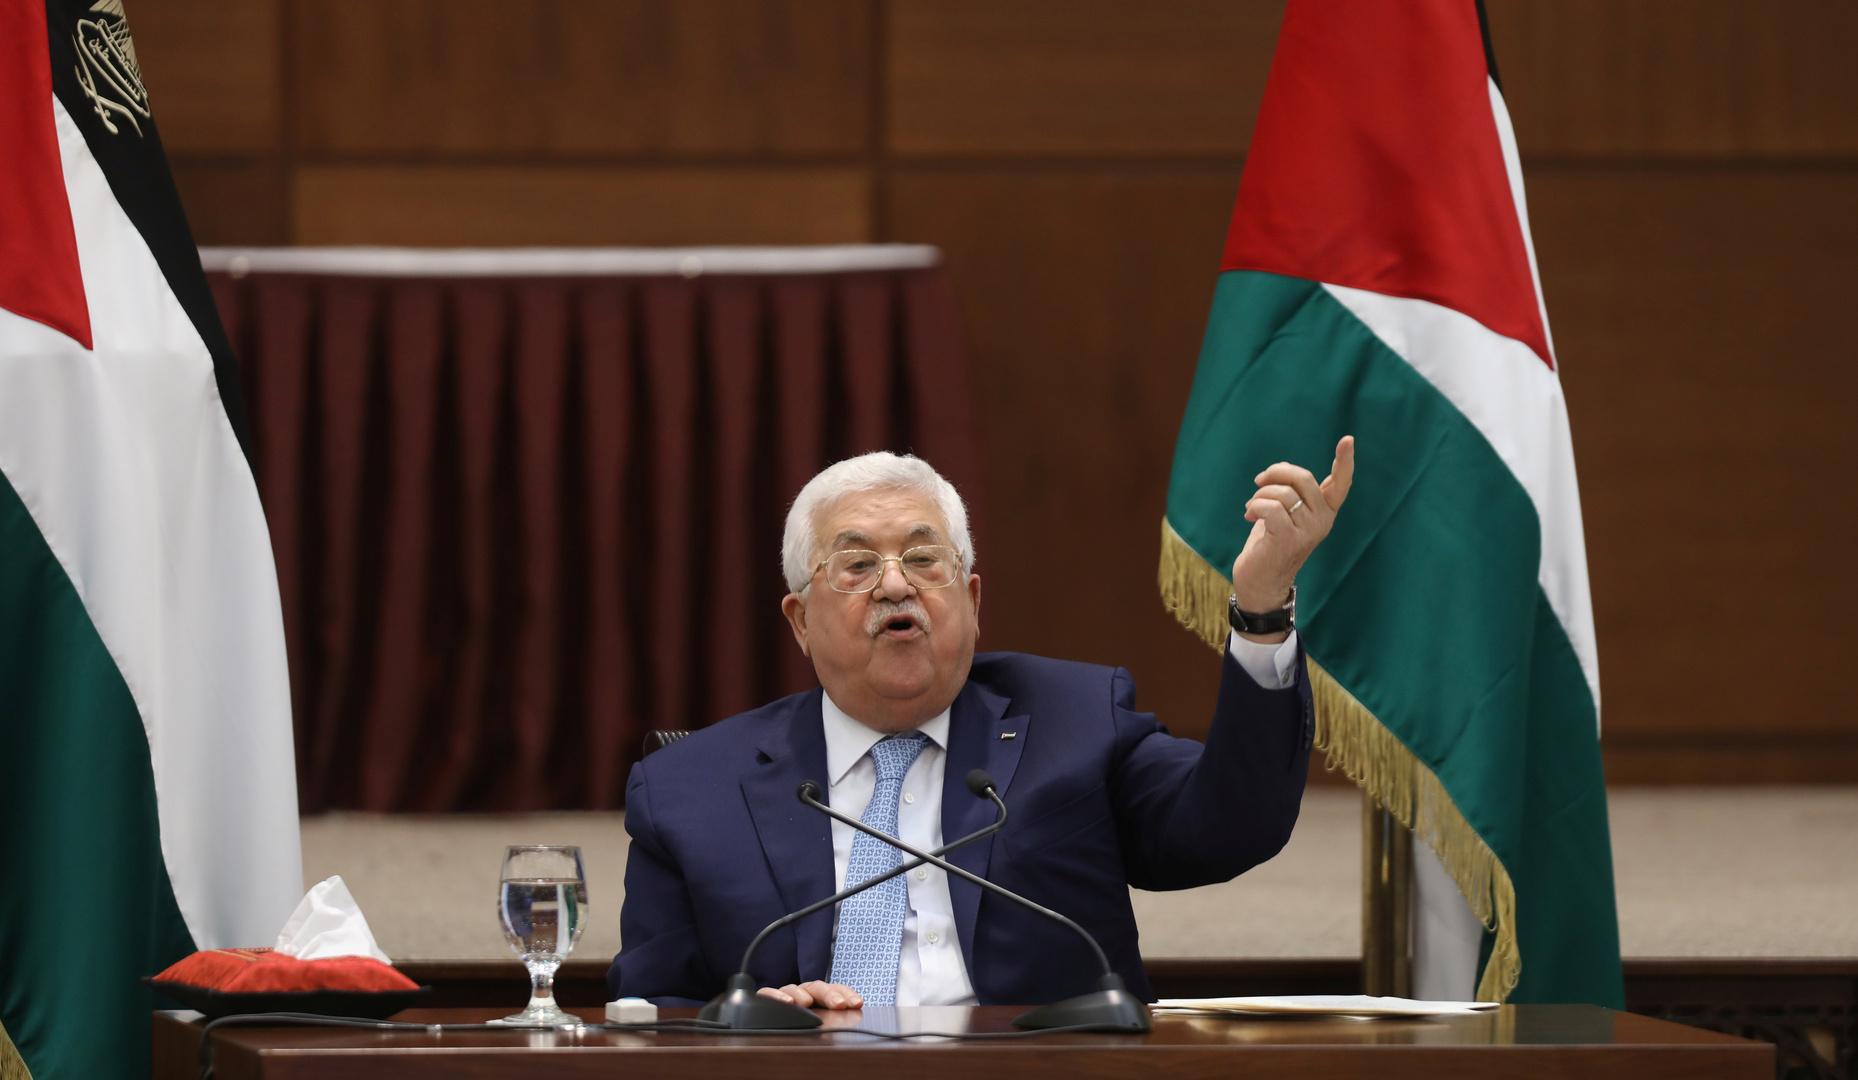 الرئيس الفلسطيني يستقبل الأسير المحرر الغضنفر أبو عطوان